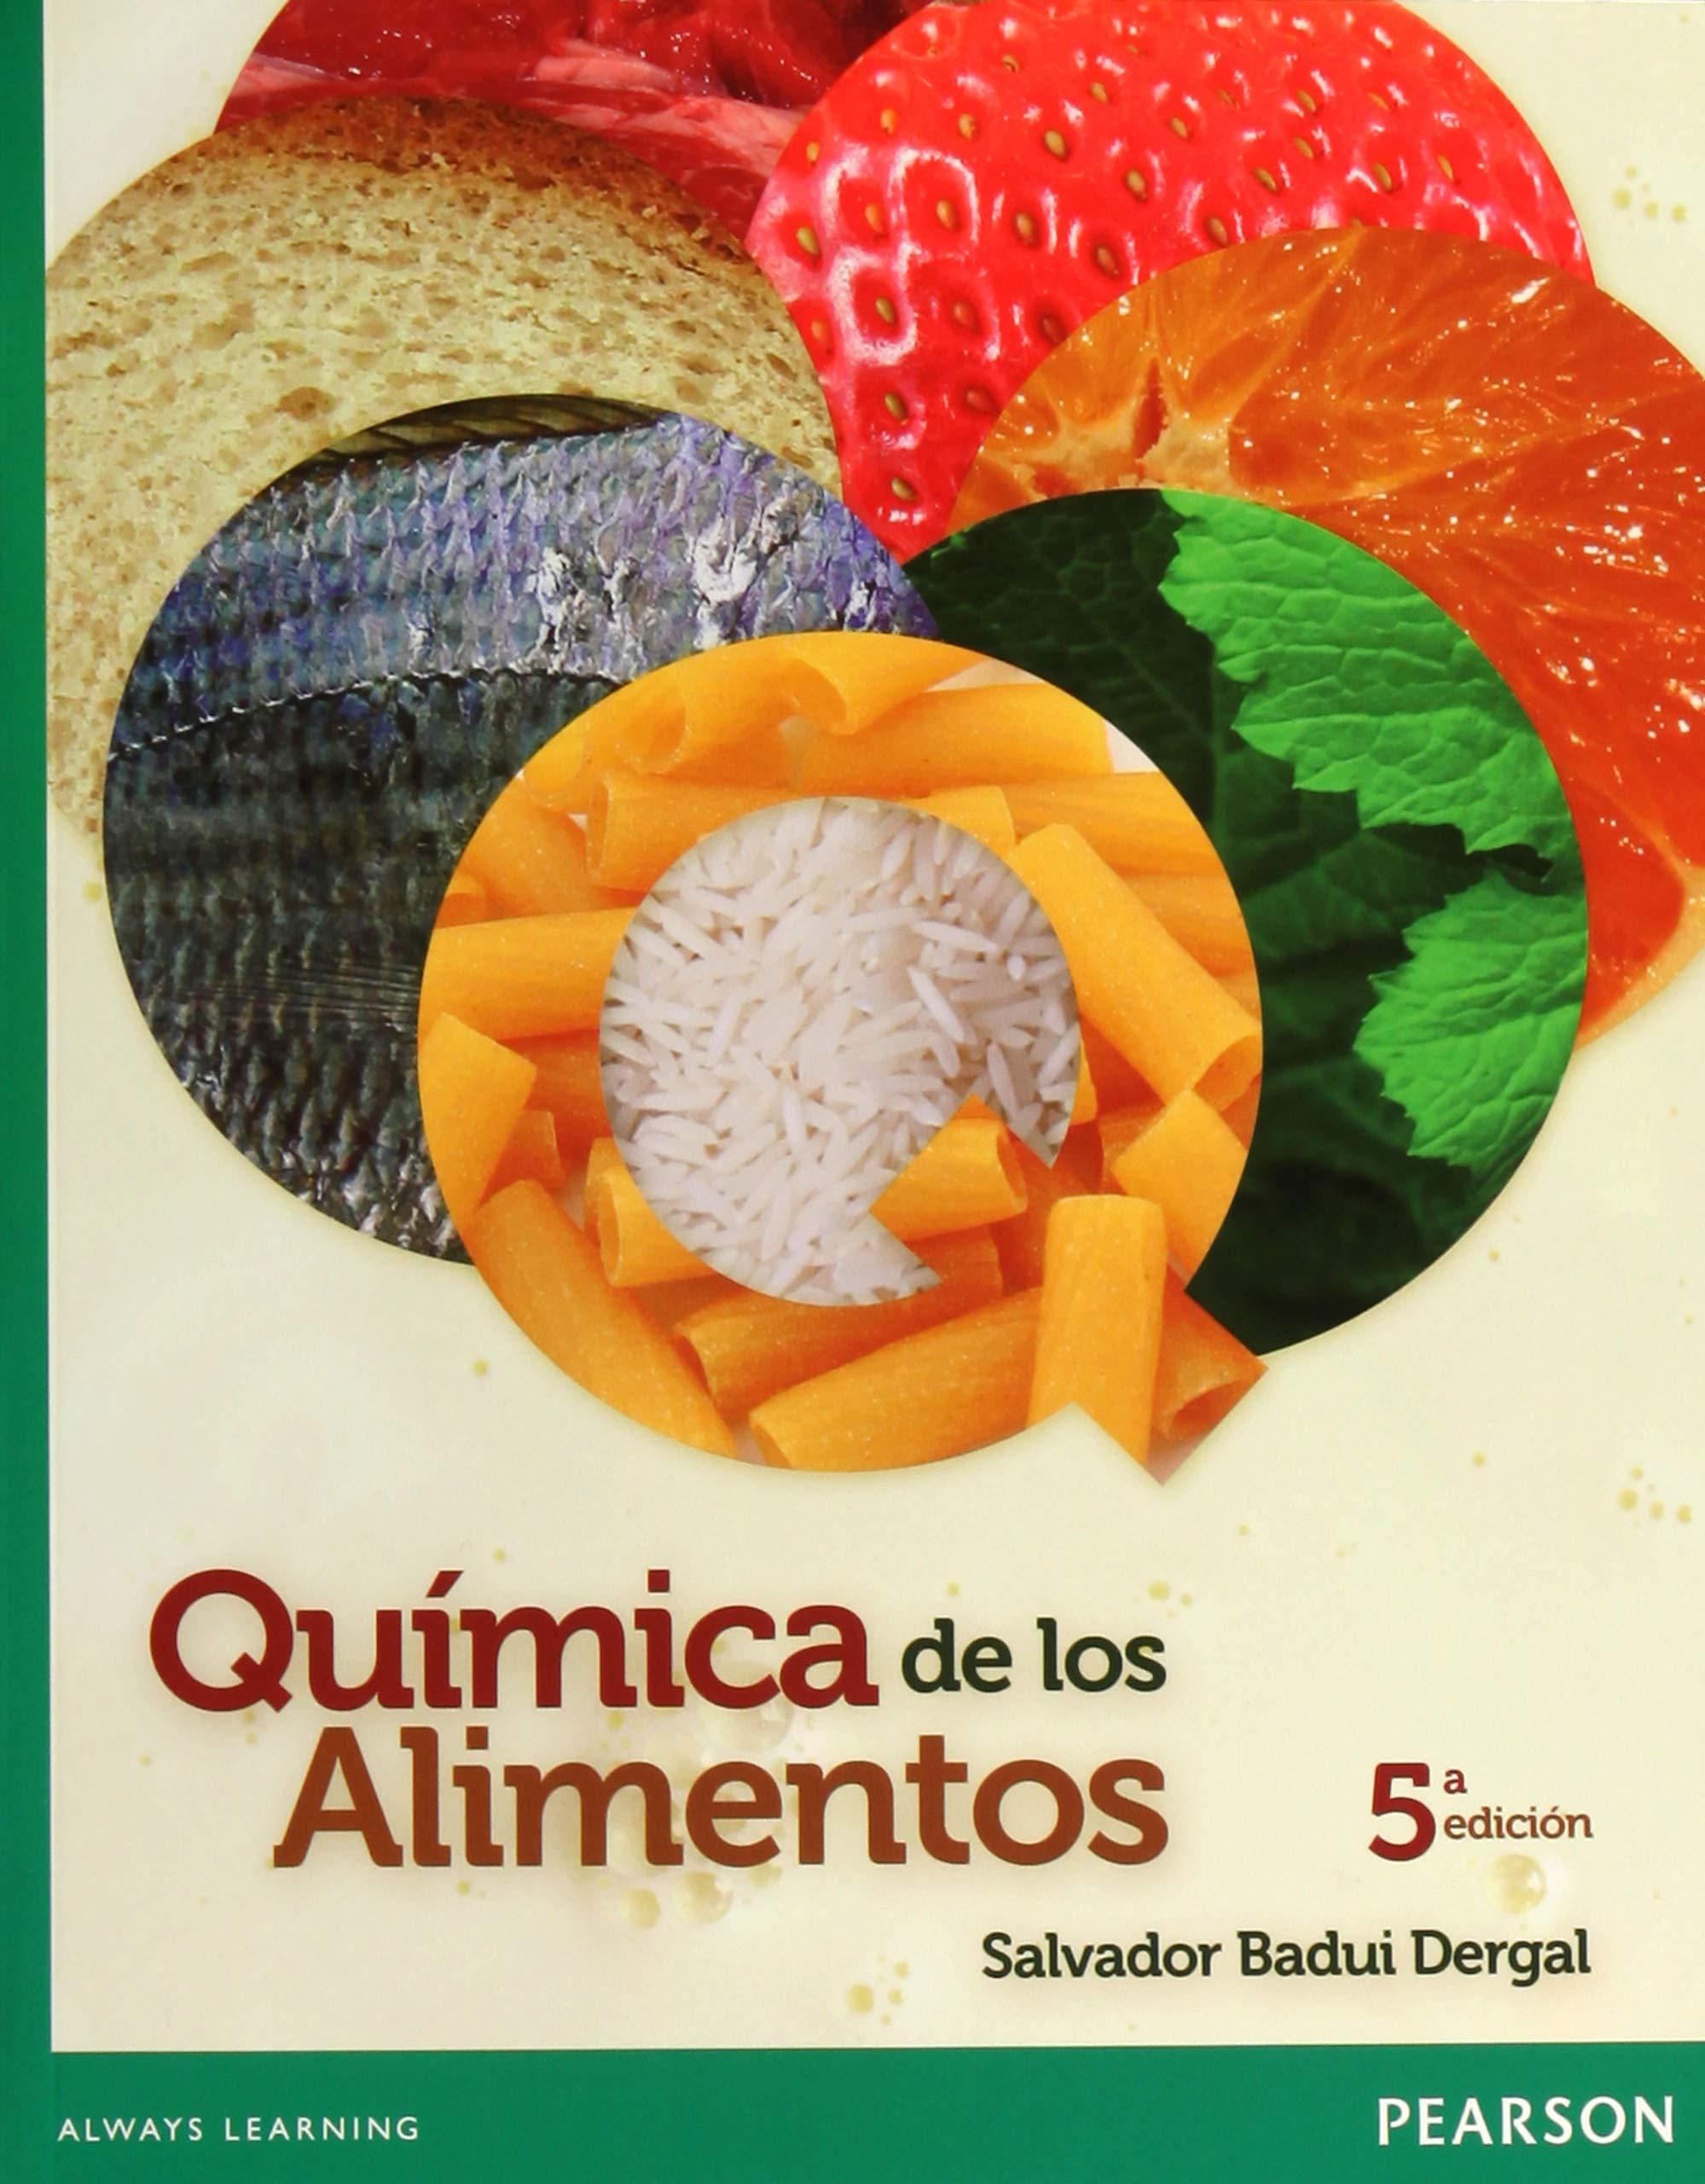 Quimica De Los Alimentos Salvador Badui Dergal 9786073215084